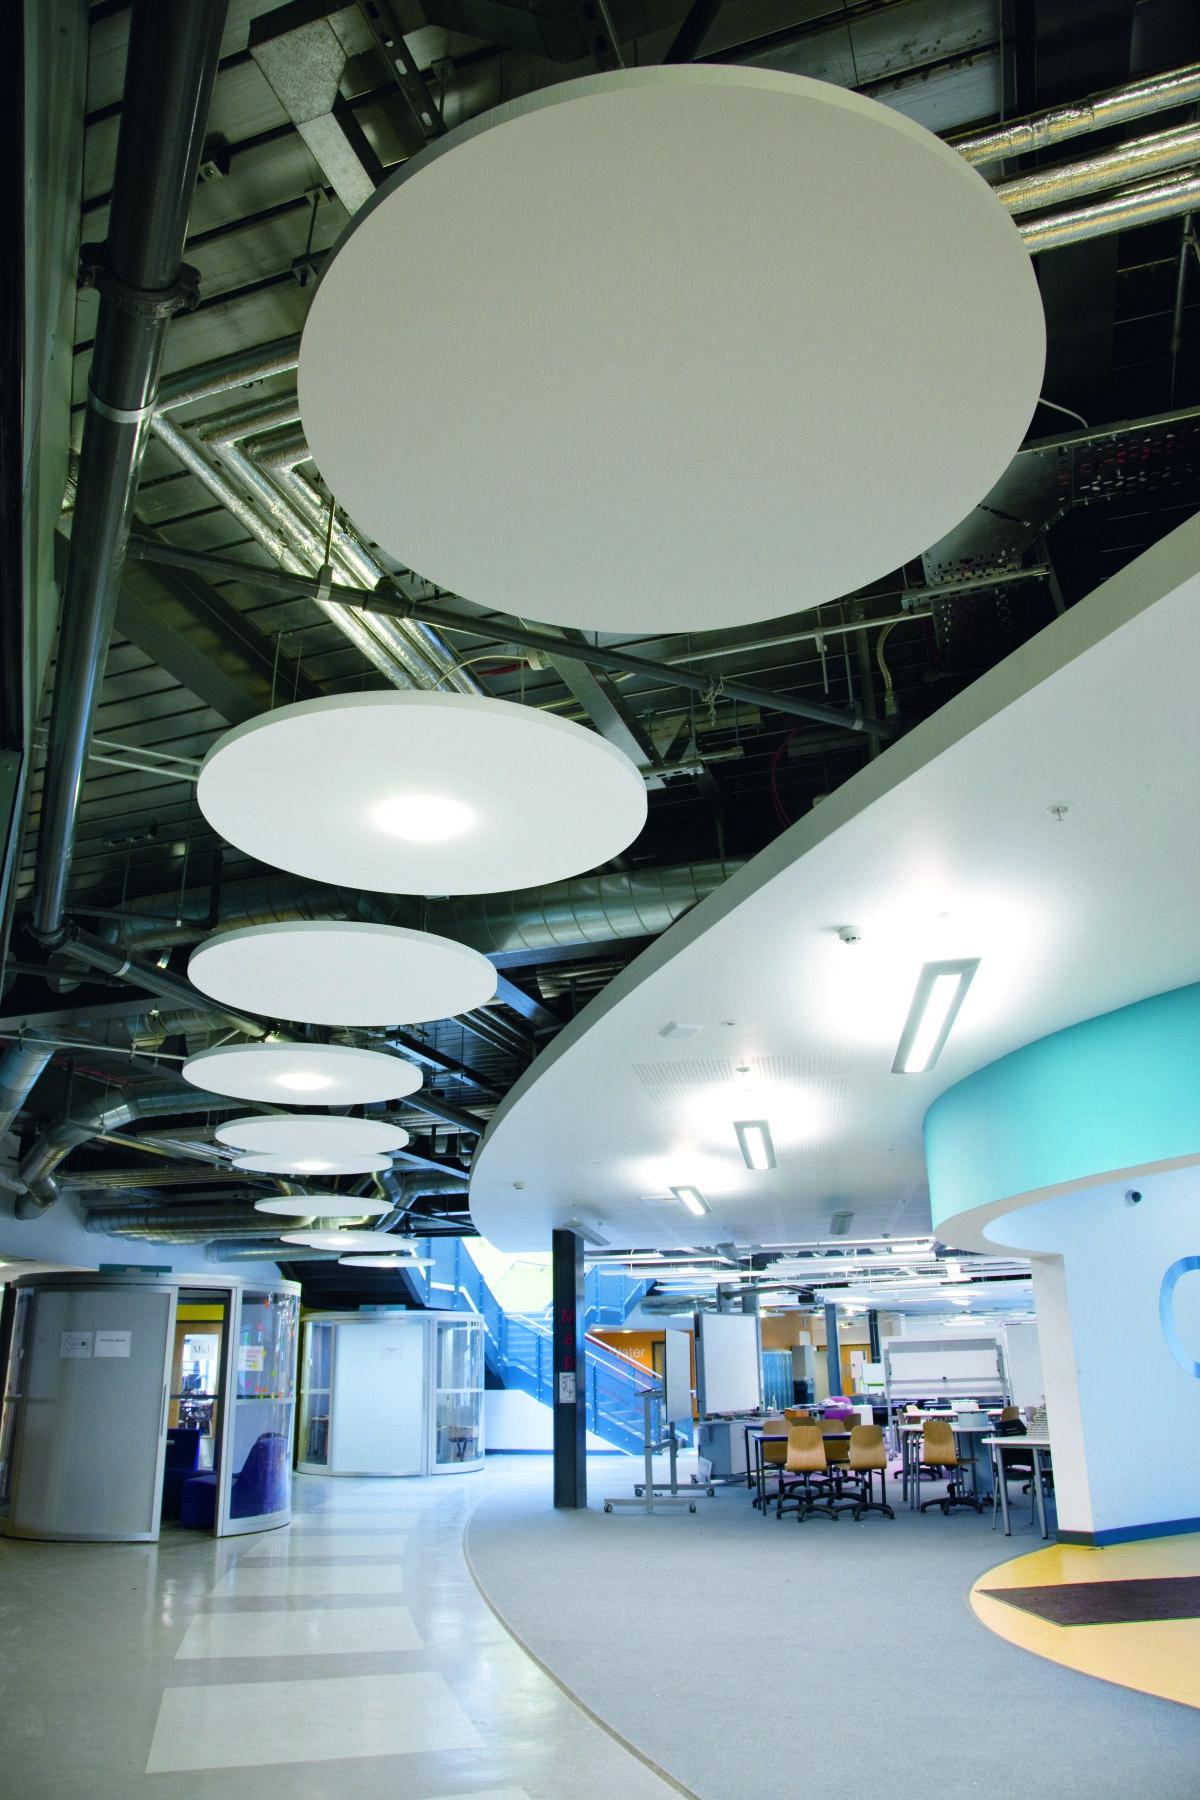 Runde Deckensegel Deckenarchitektur Decke Schallabsorber